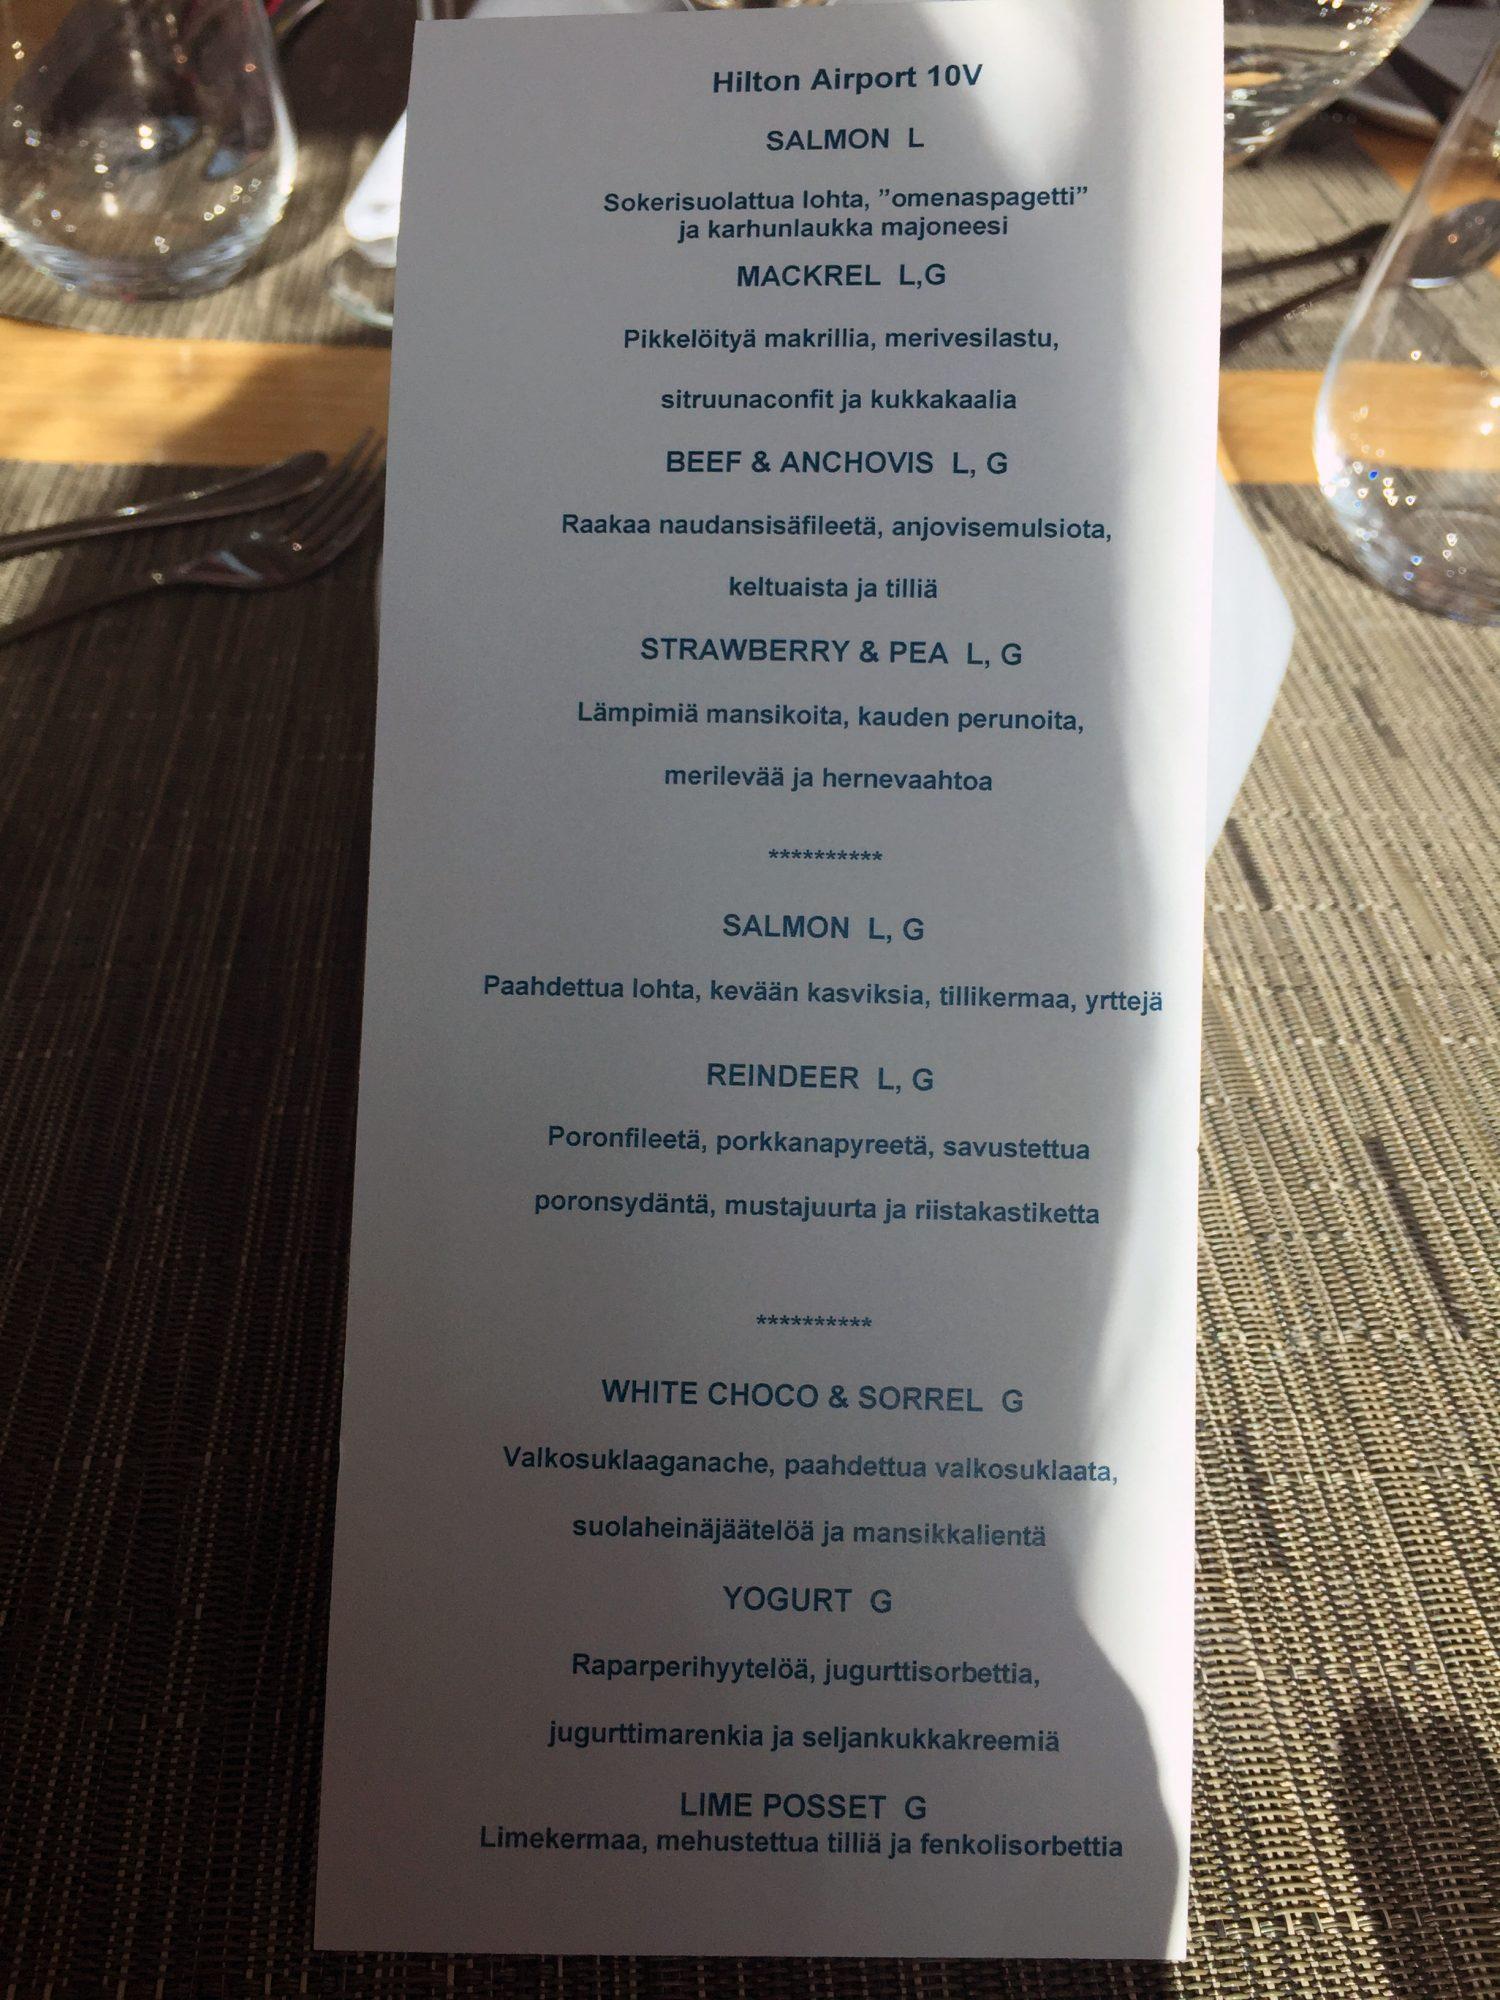 hilton menu